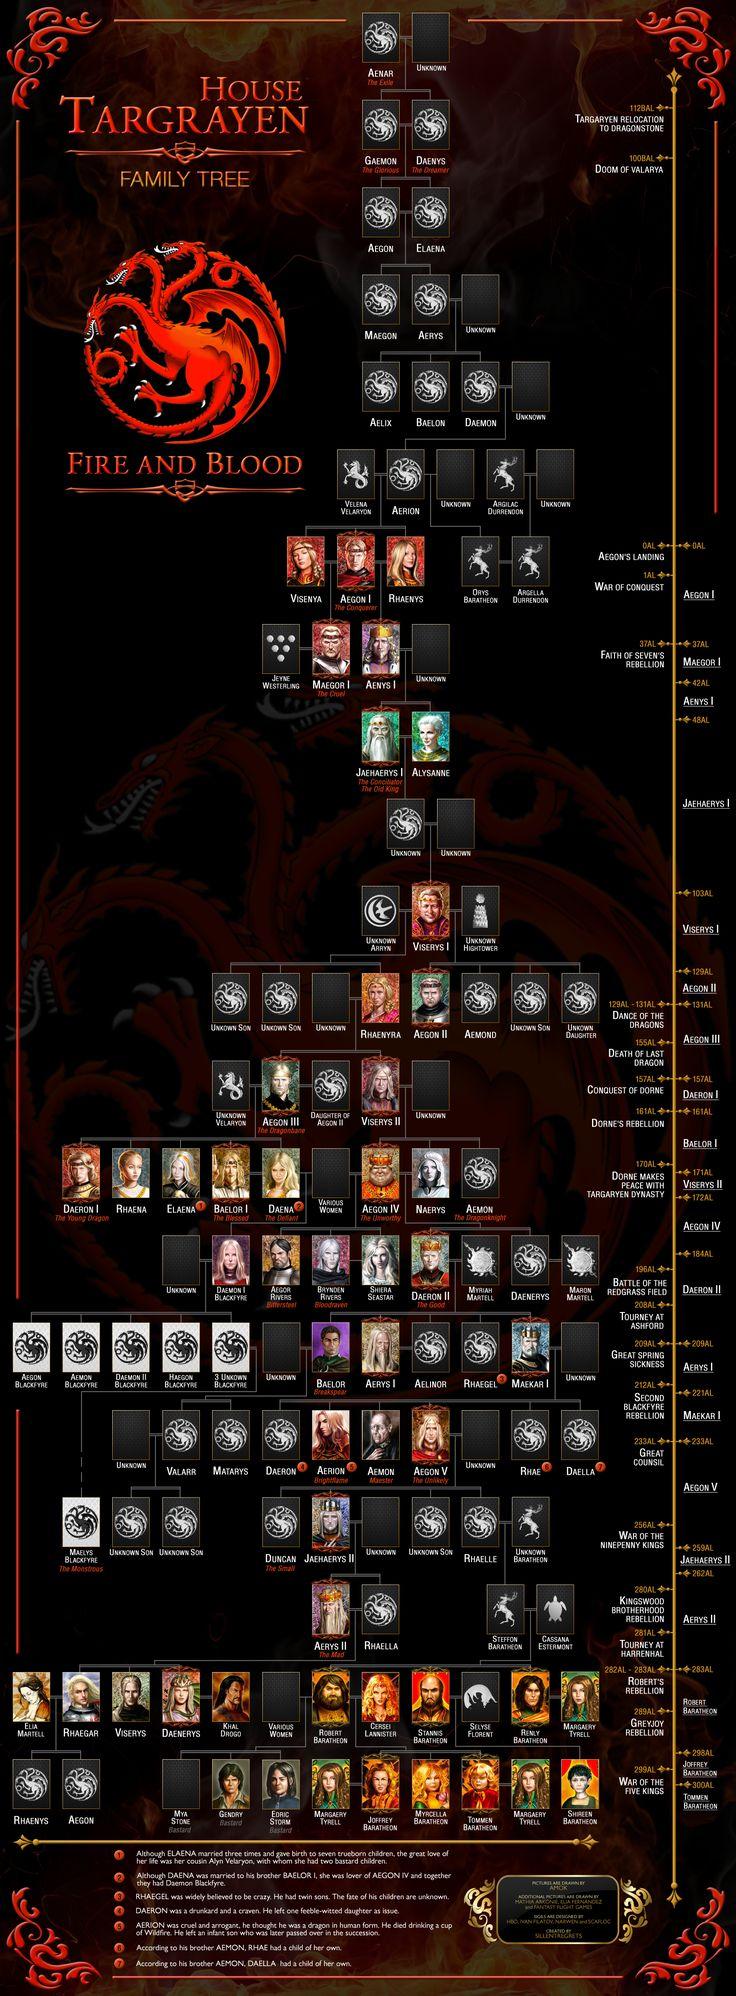 House Targaryen Family Tree